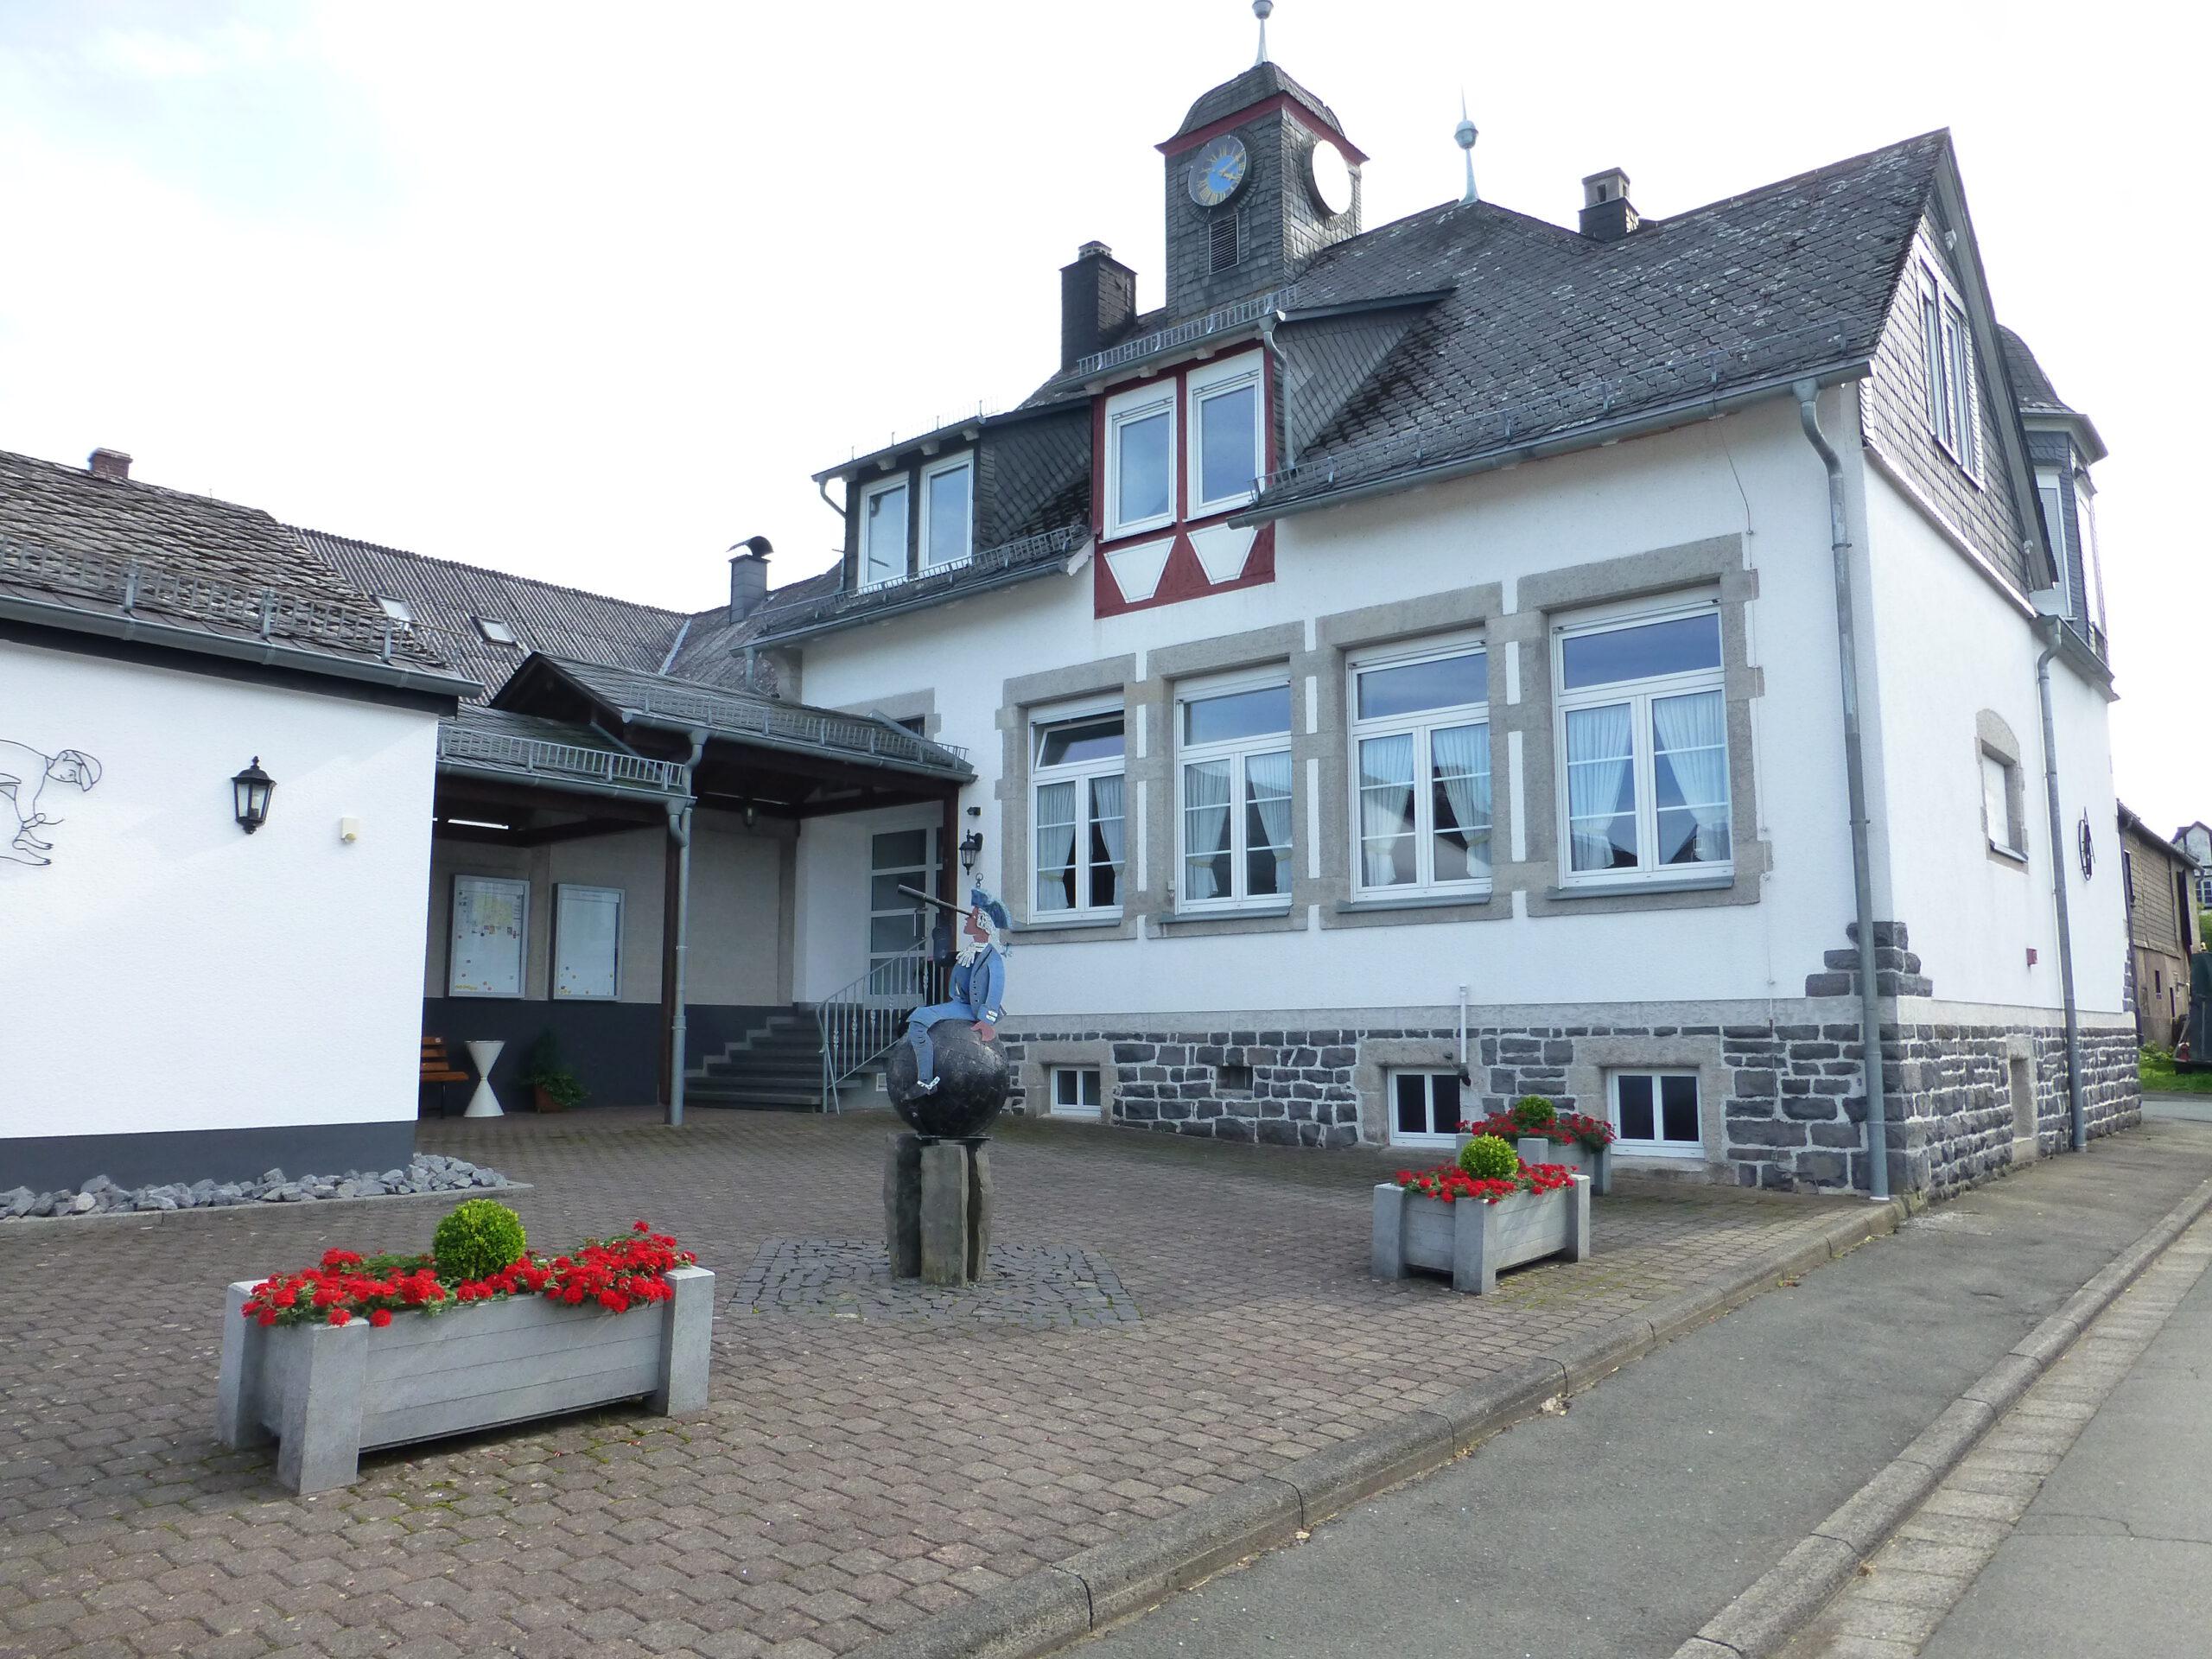 Dorfgemeinschaftshaus Münchhausen